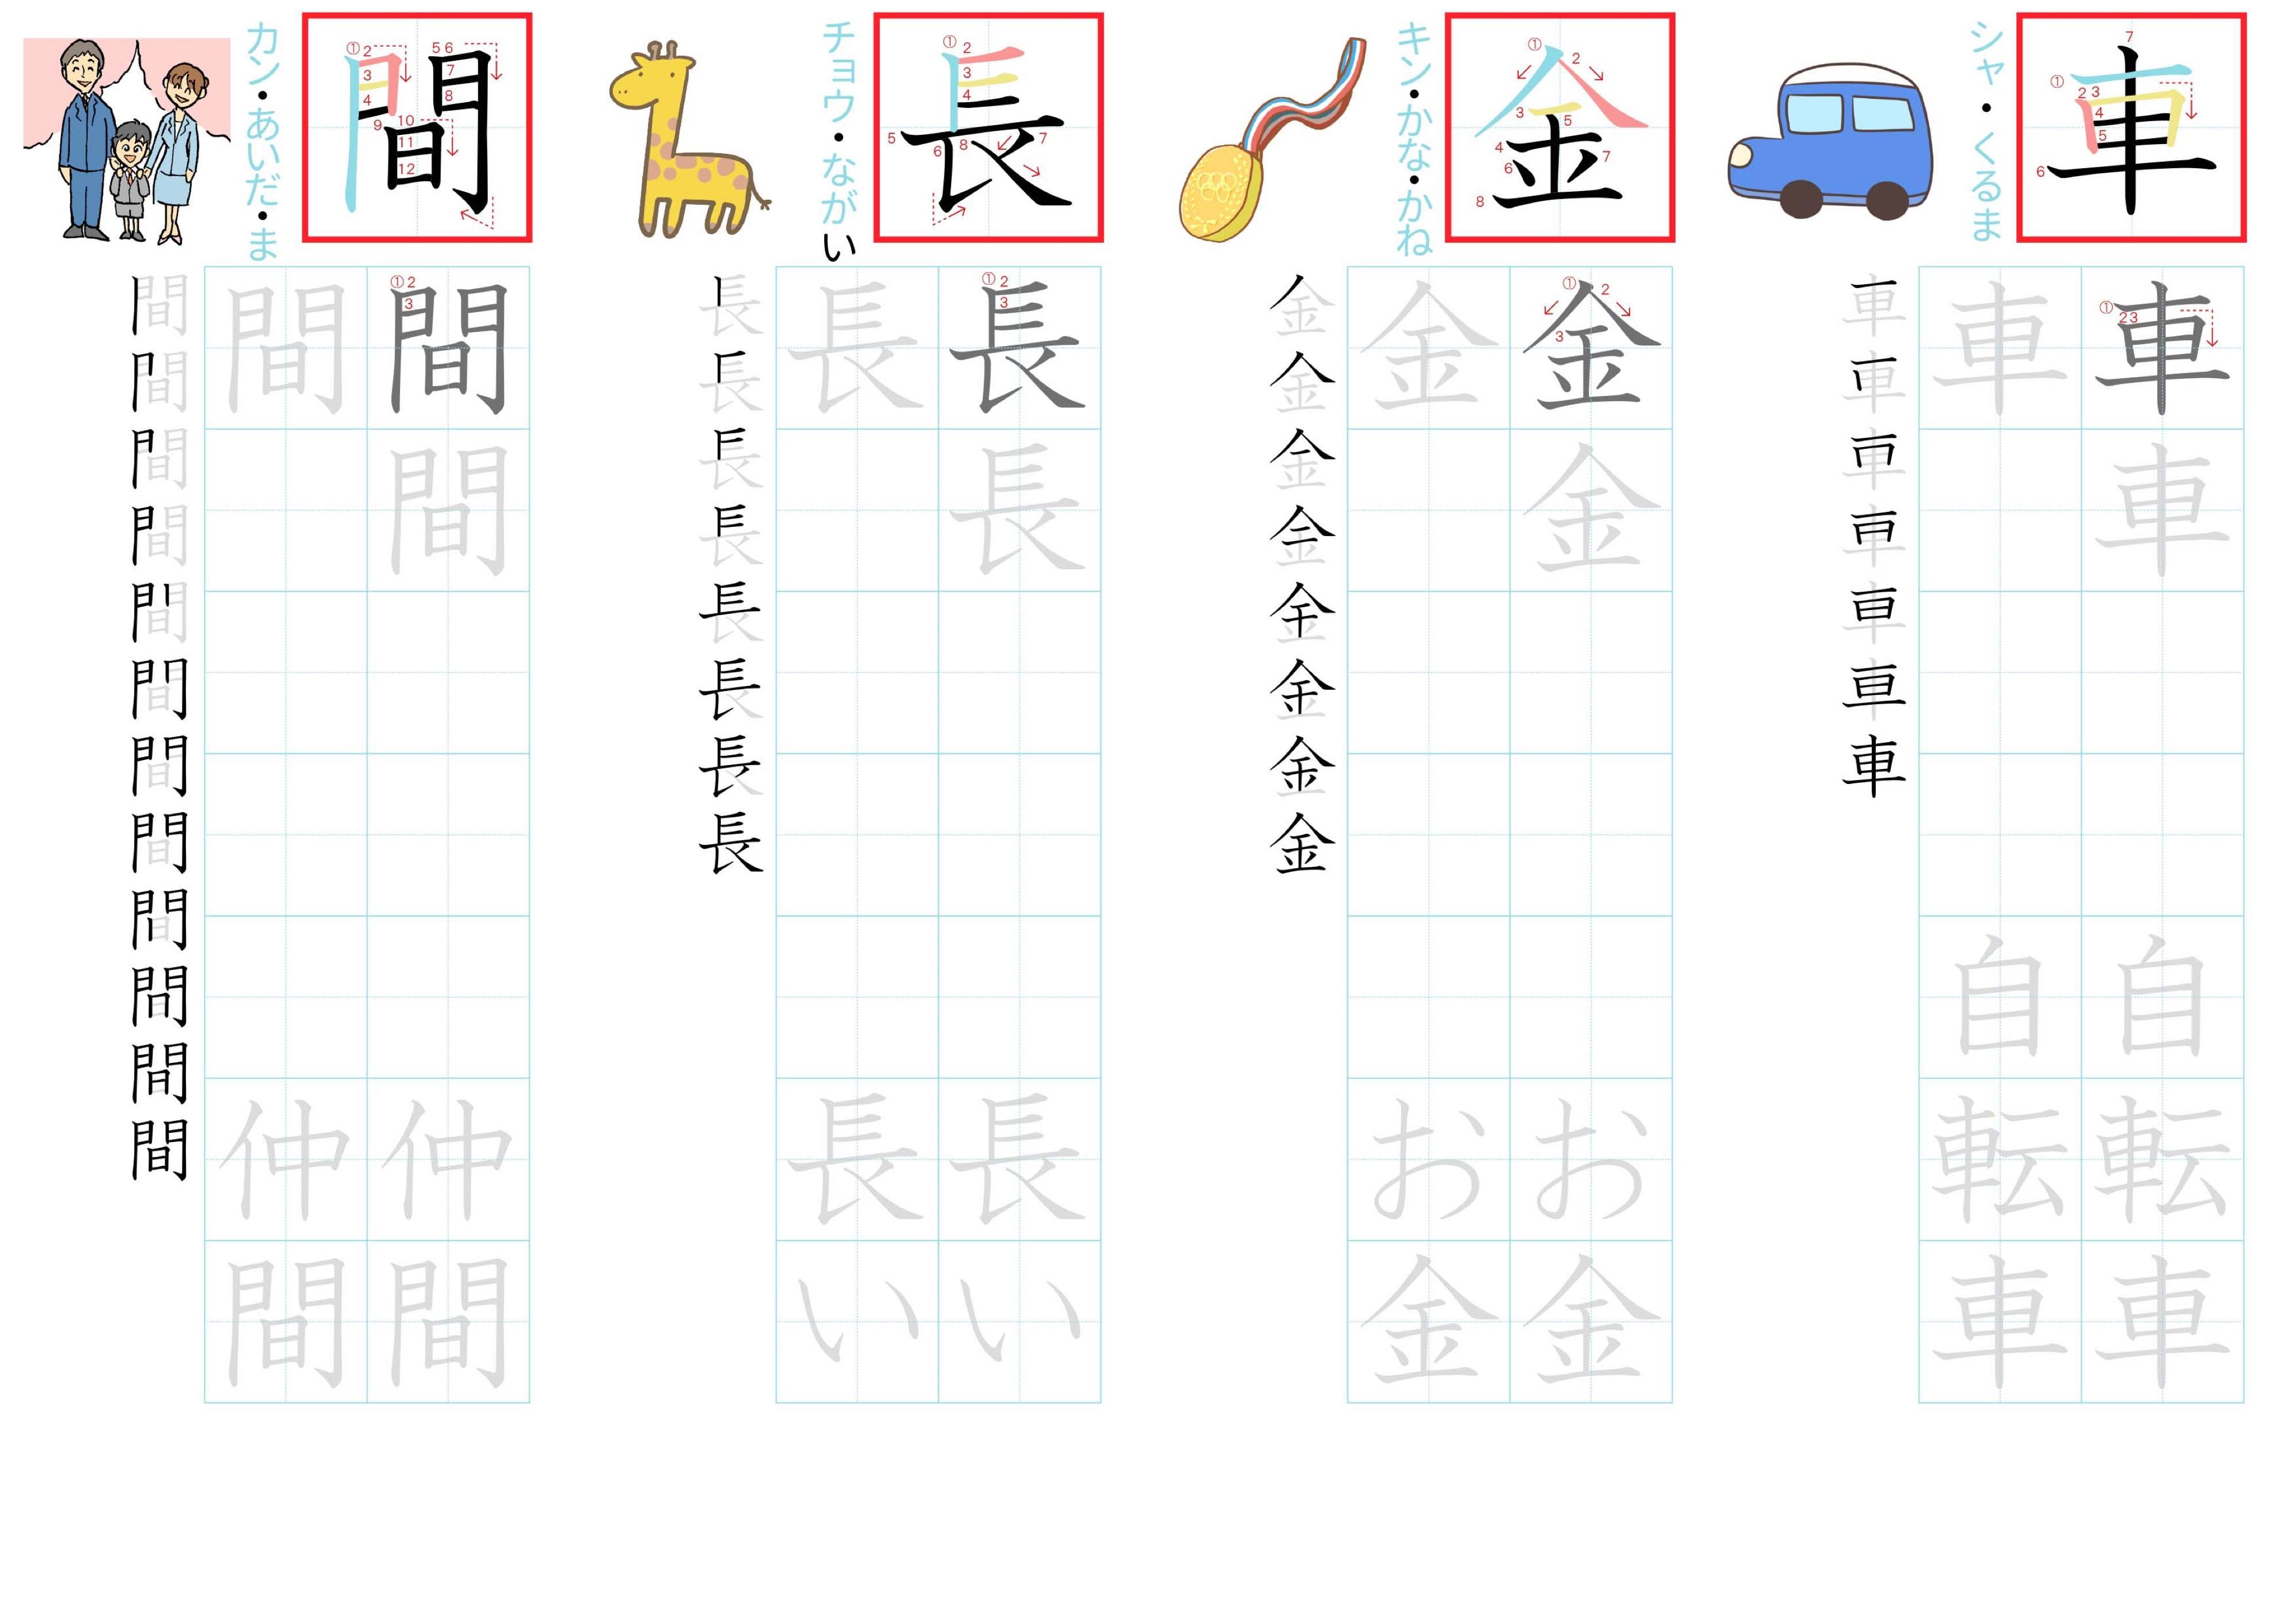 kanji-practice-card-n5-japanese-019